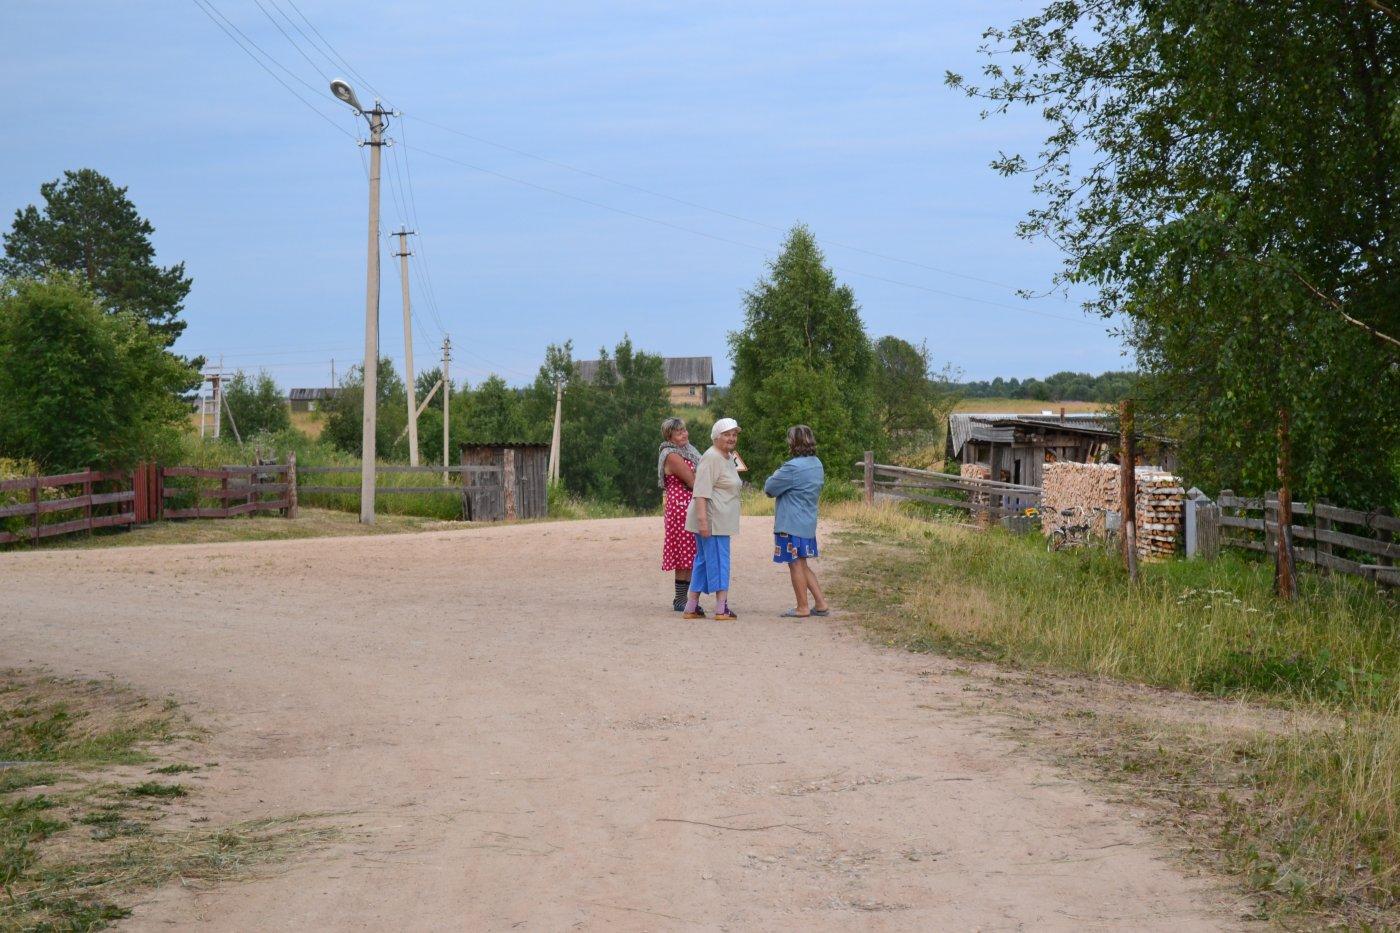 Фото DSC_0029.JPG. Россия, Вологодская область